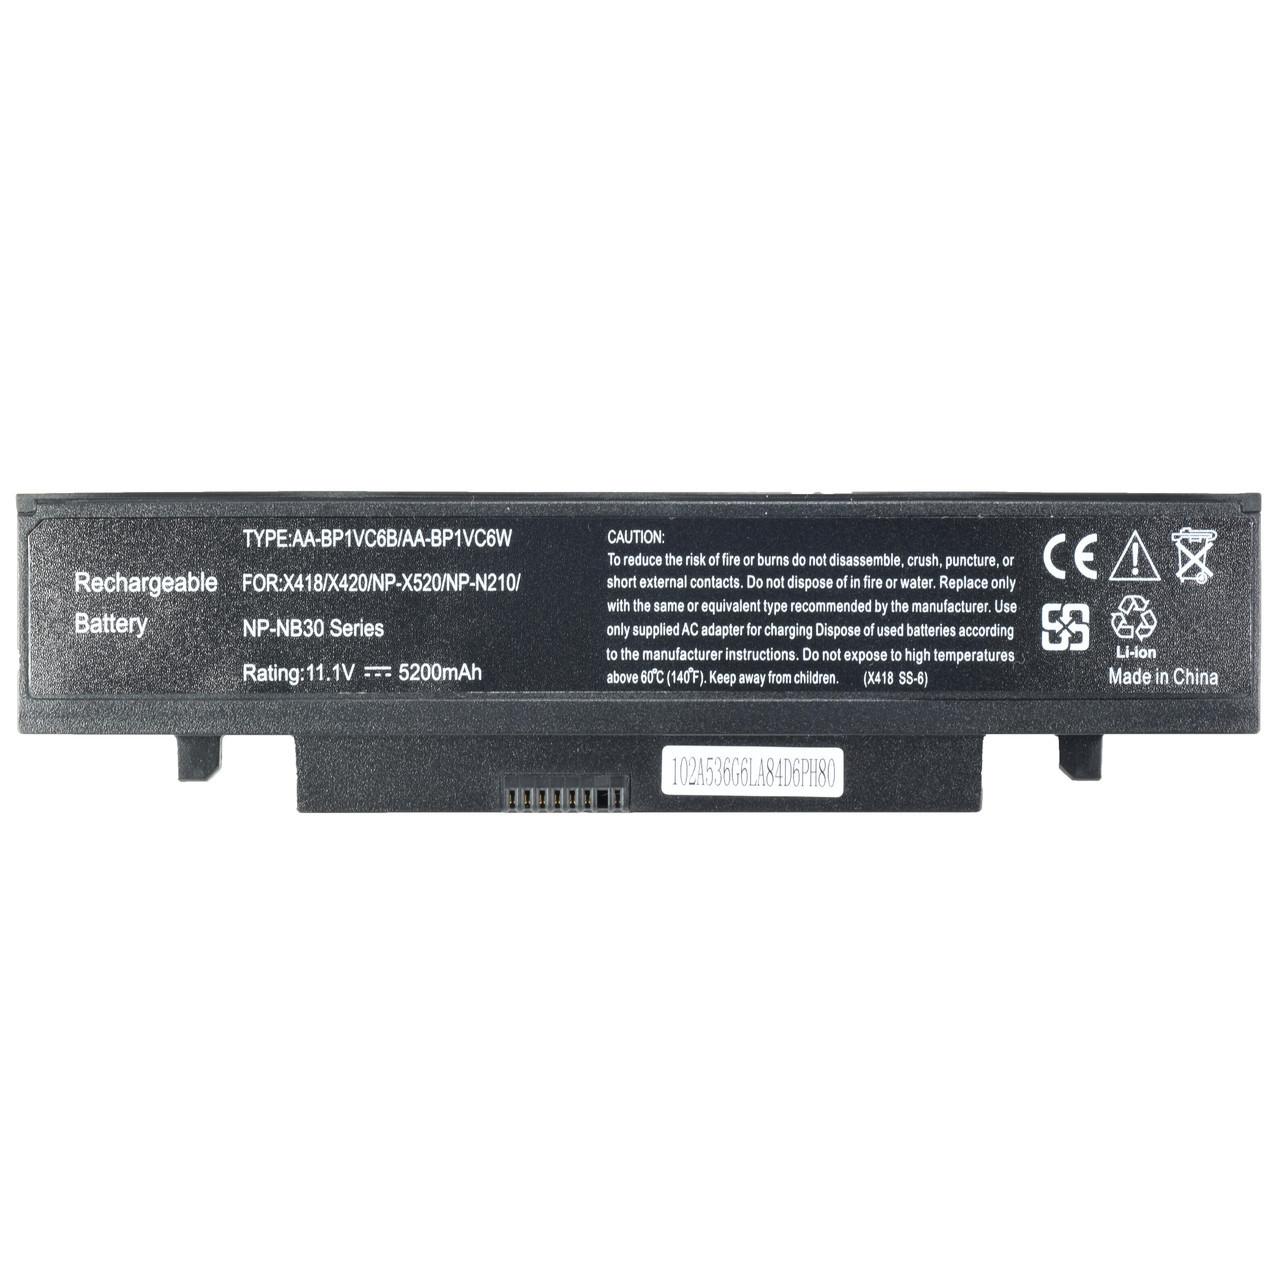 Батарея для ноутбука AA-PB1VC6W AA-PL1VC6B AA-PL1VC6W/E